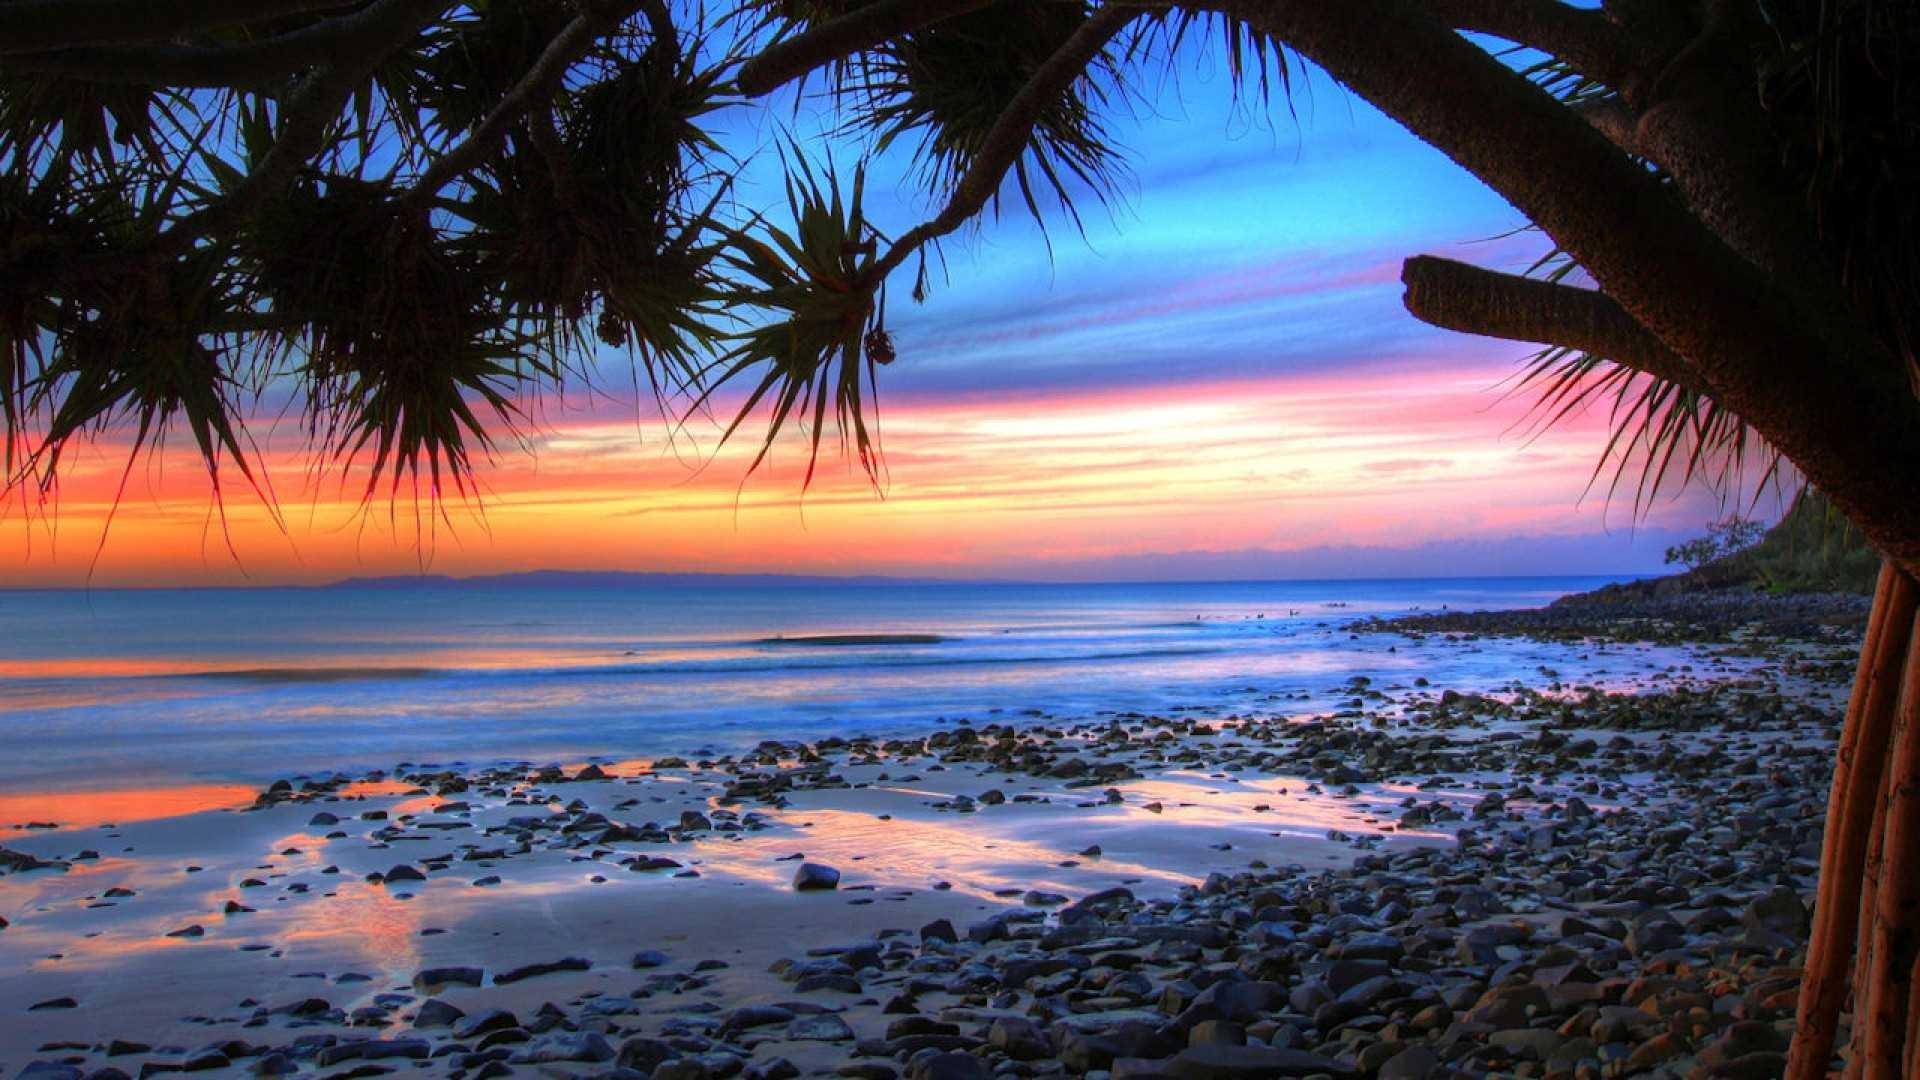 Res: 1920x1080, Beautiful Beach Sunset Wallpapers Wide : Beach Wallpaper - Petsprin